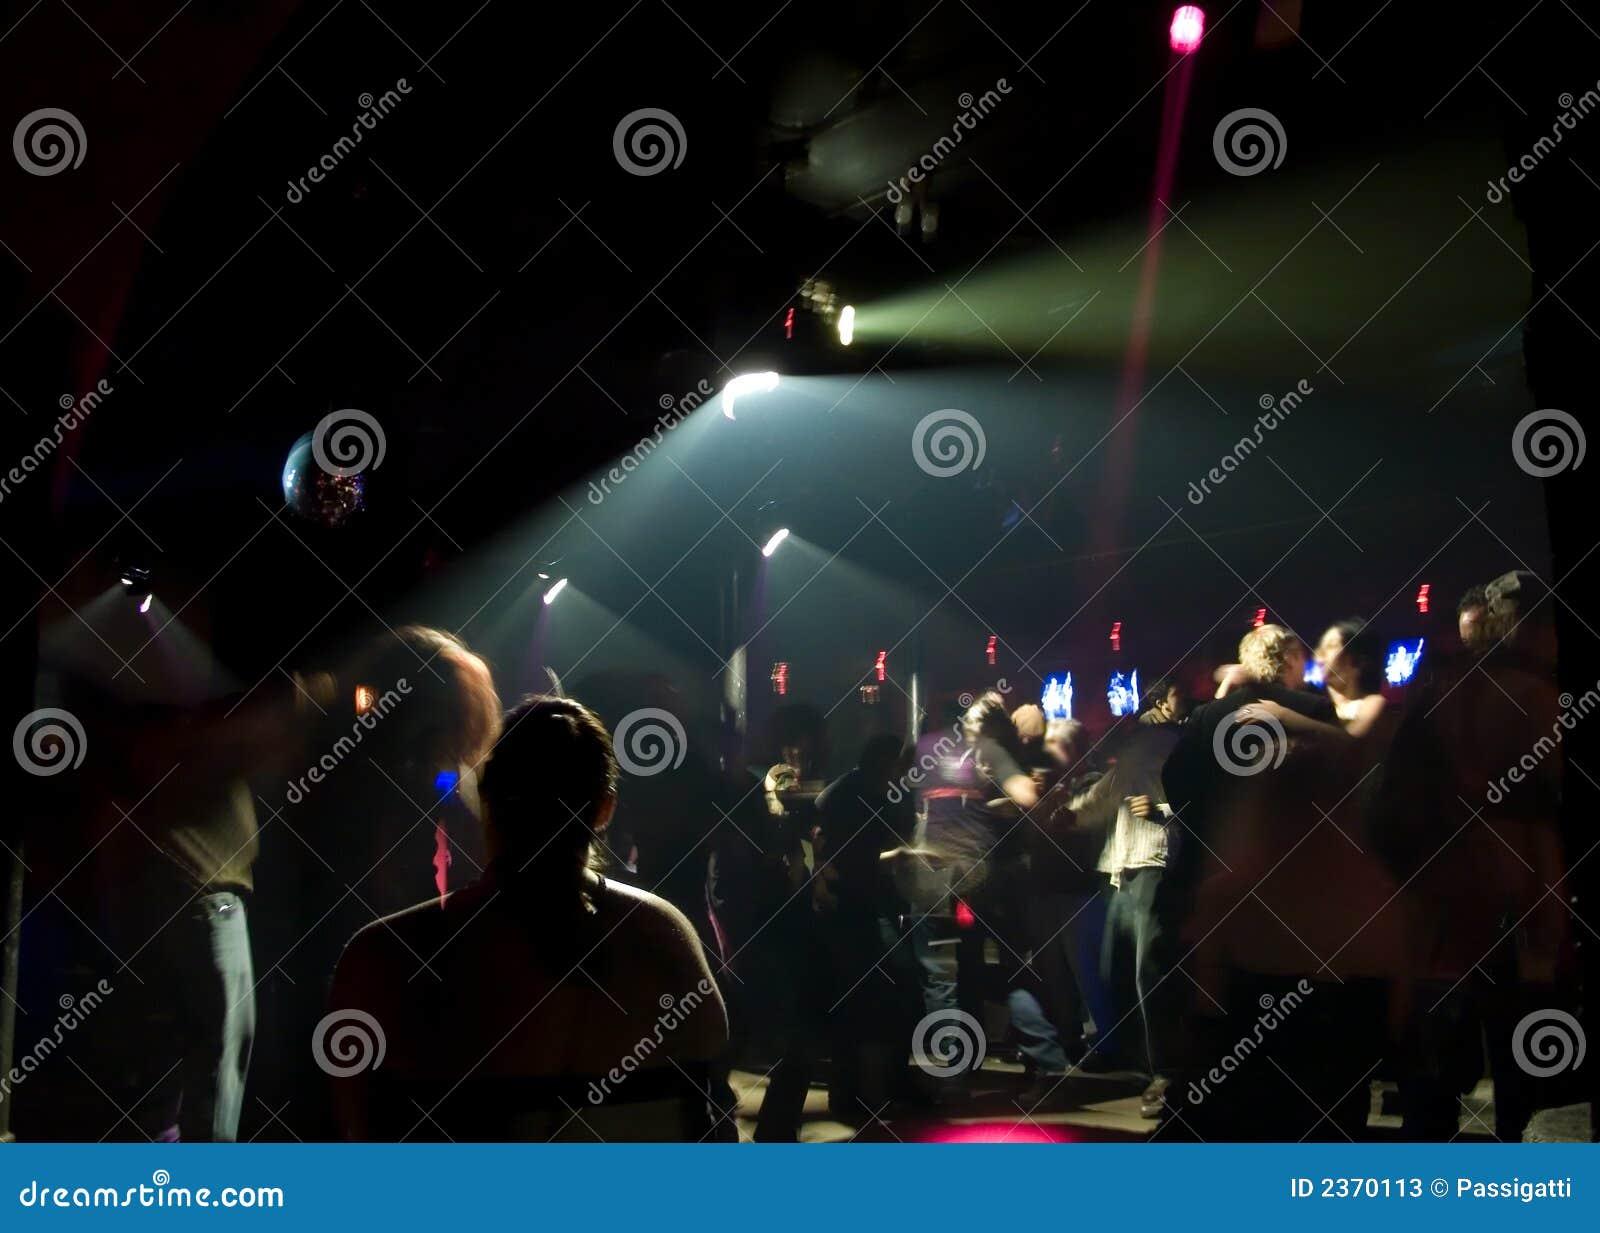 Crowd dance nightclub